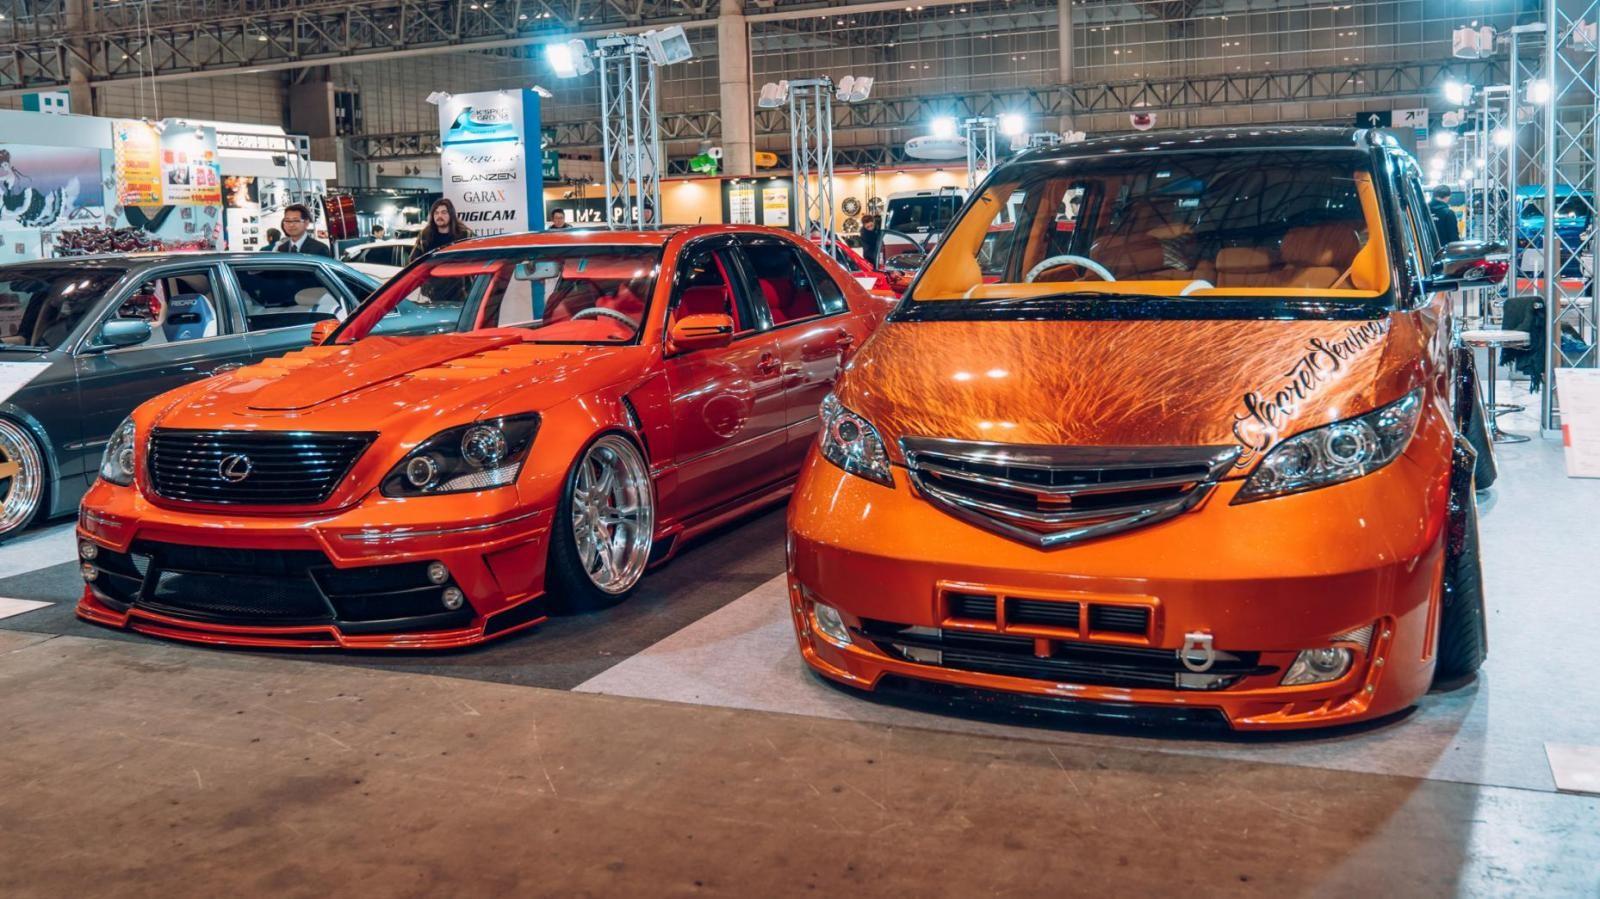 Rớt hàm trước những chiếc xế độ điên rồ nhất Tokyo Auto Salon 2020 - 29